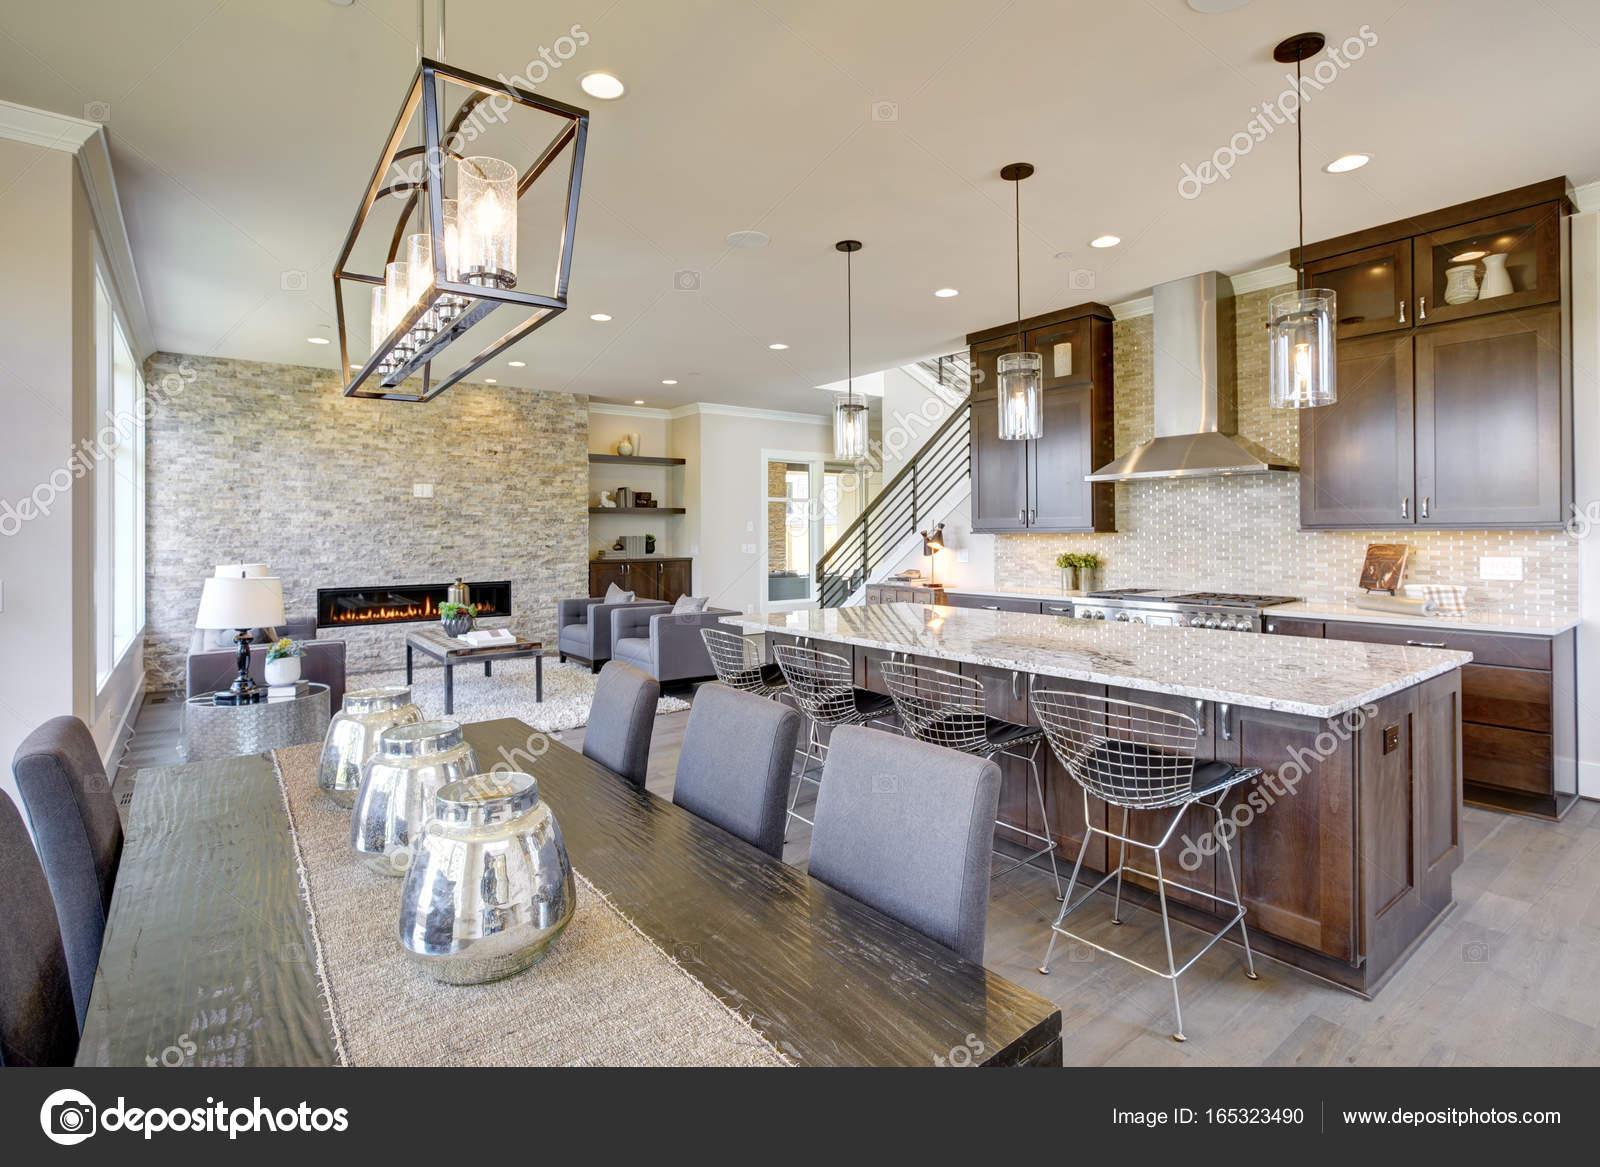 Keuken Nieuwbouw Open : Luxe nieuwbouw met open keuken interieur u2014 stockfoto © iriana88w